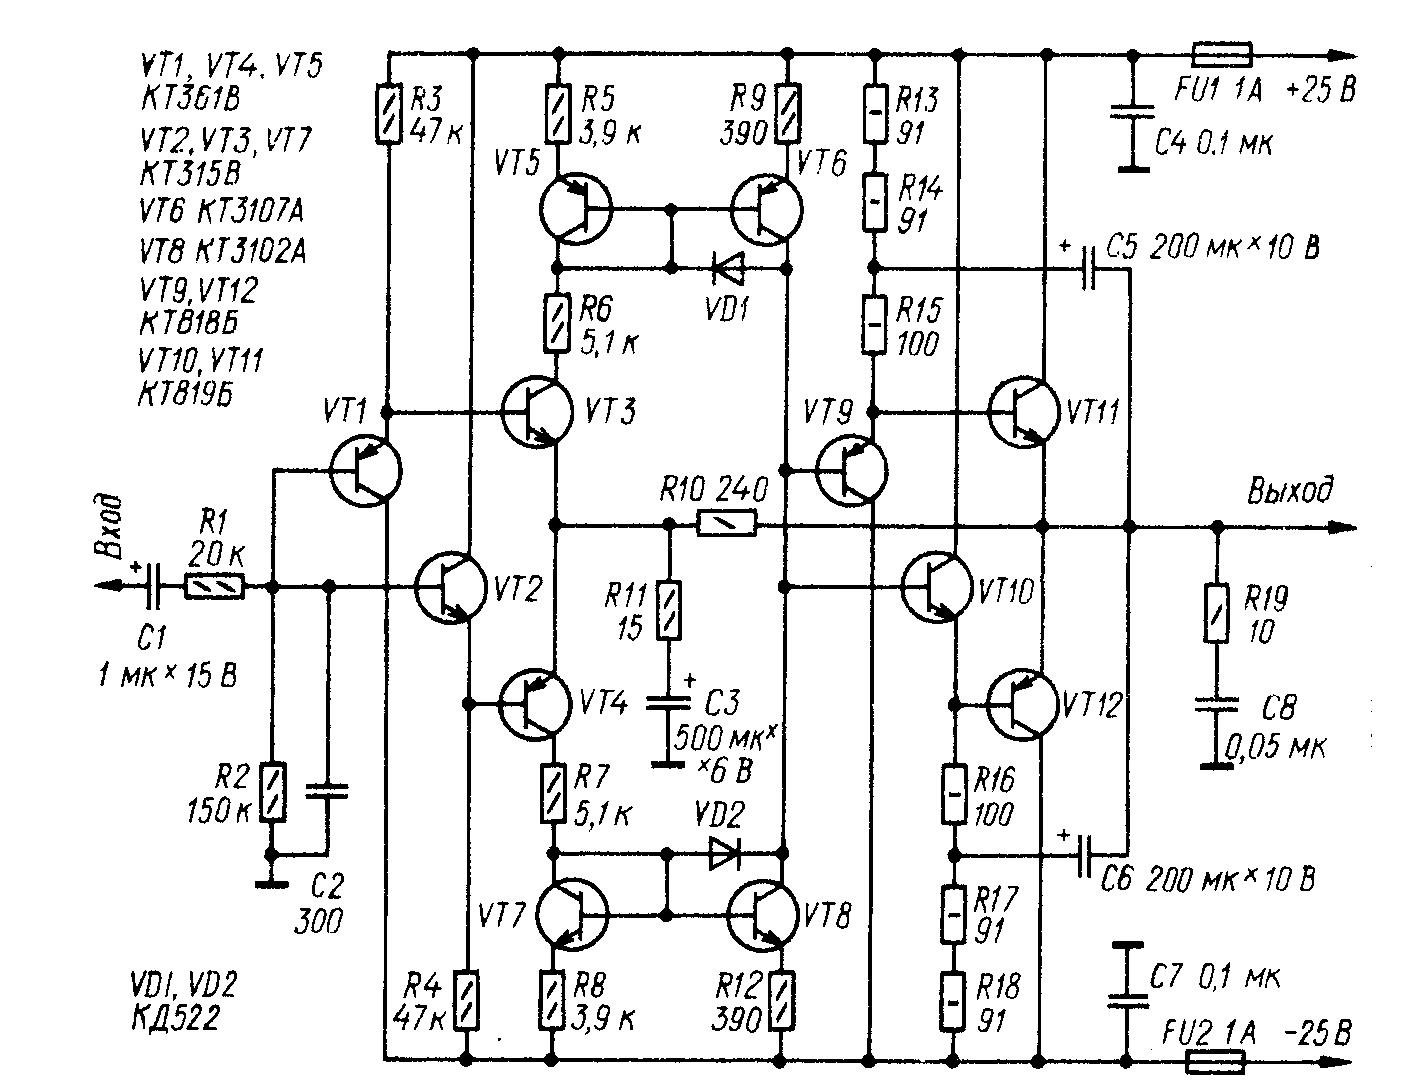 Circuitry headphone amps.